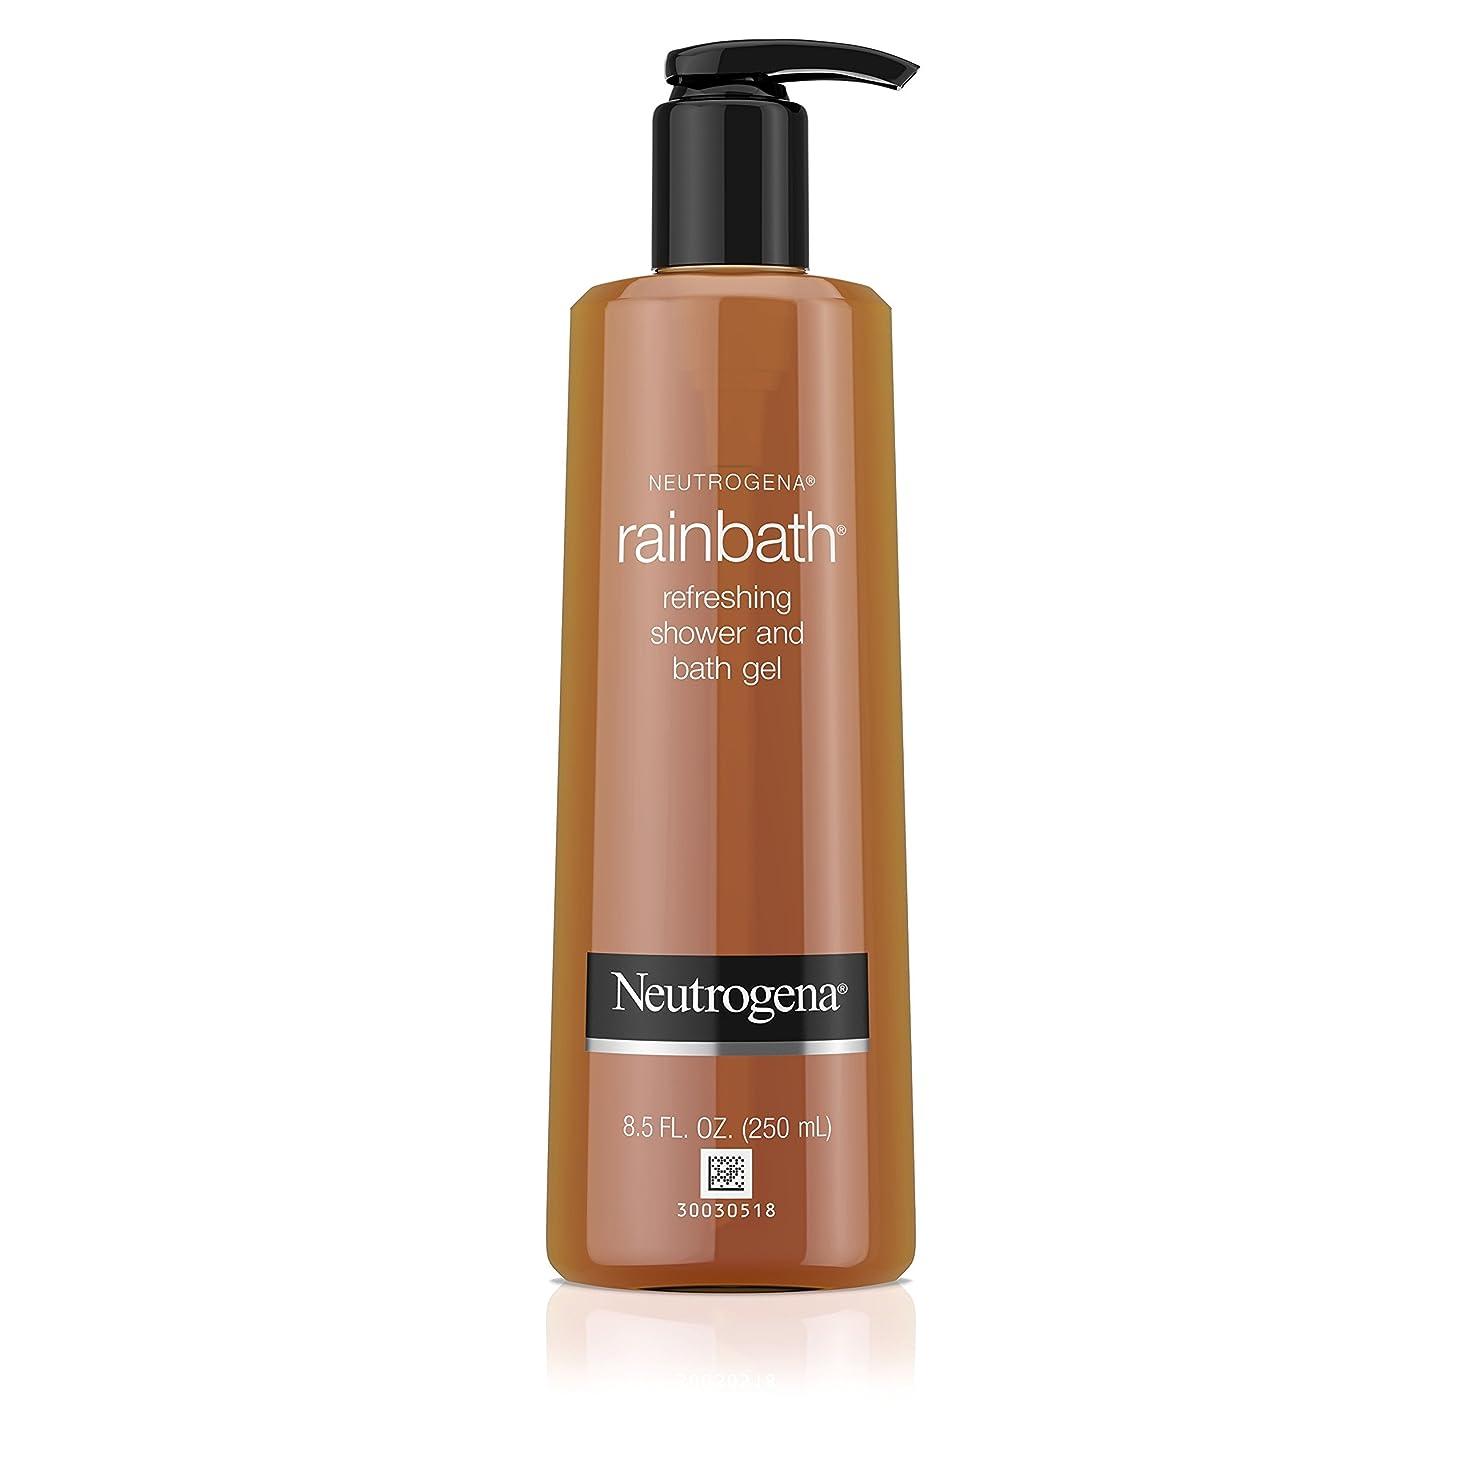 テメリティ失礼昨日Neutrogena Rainbath Refreshing Shower And Bath Gel (Body Wash), 250ml